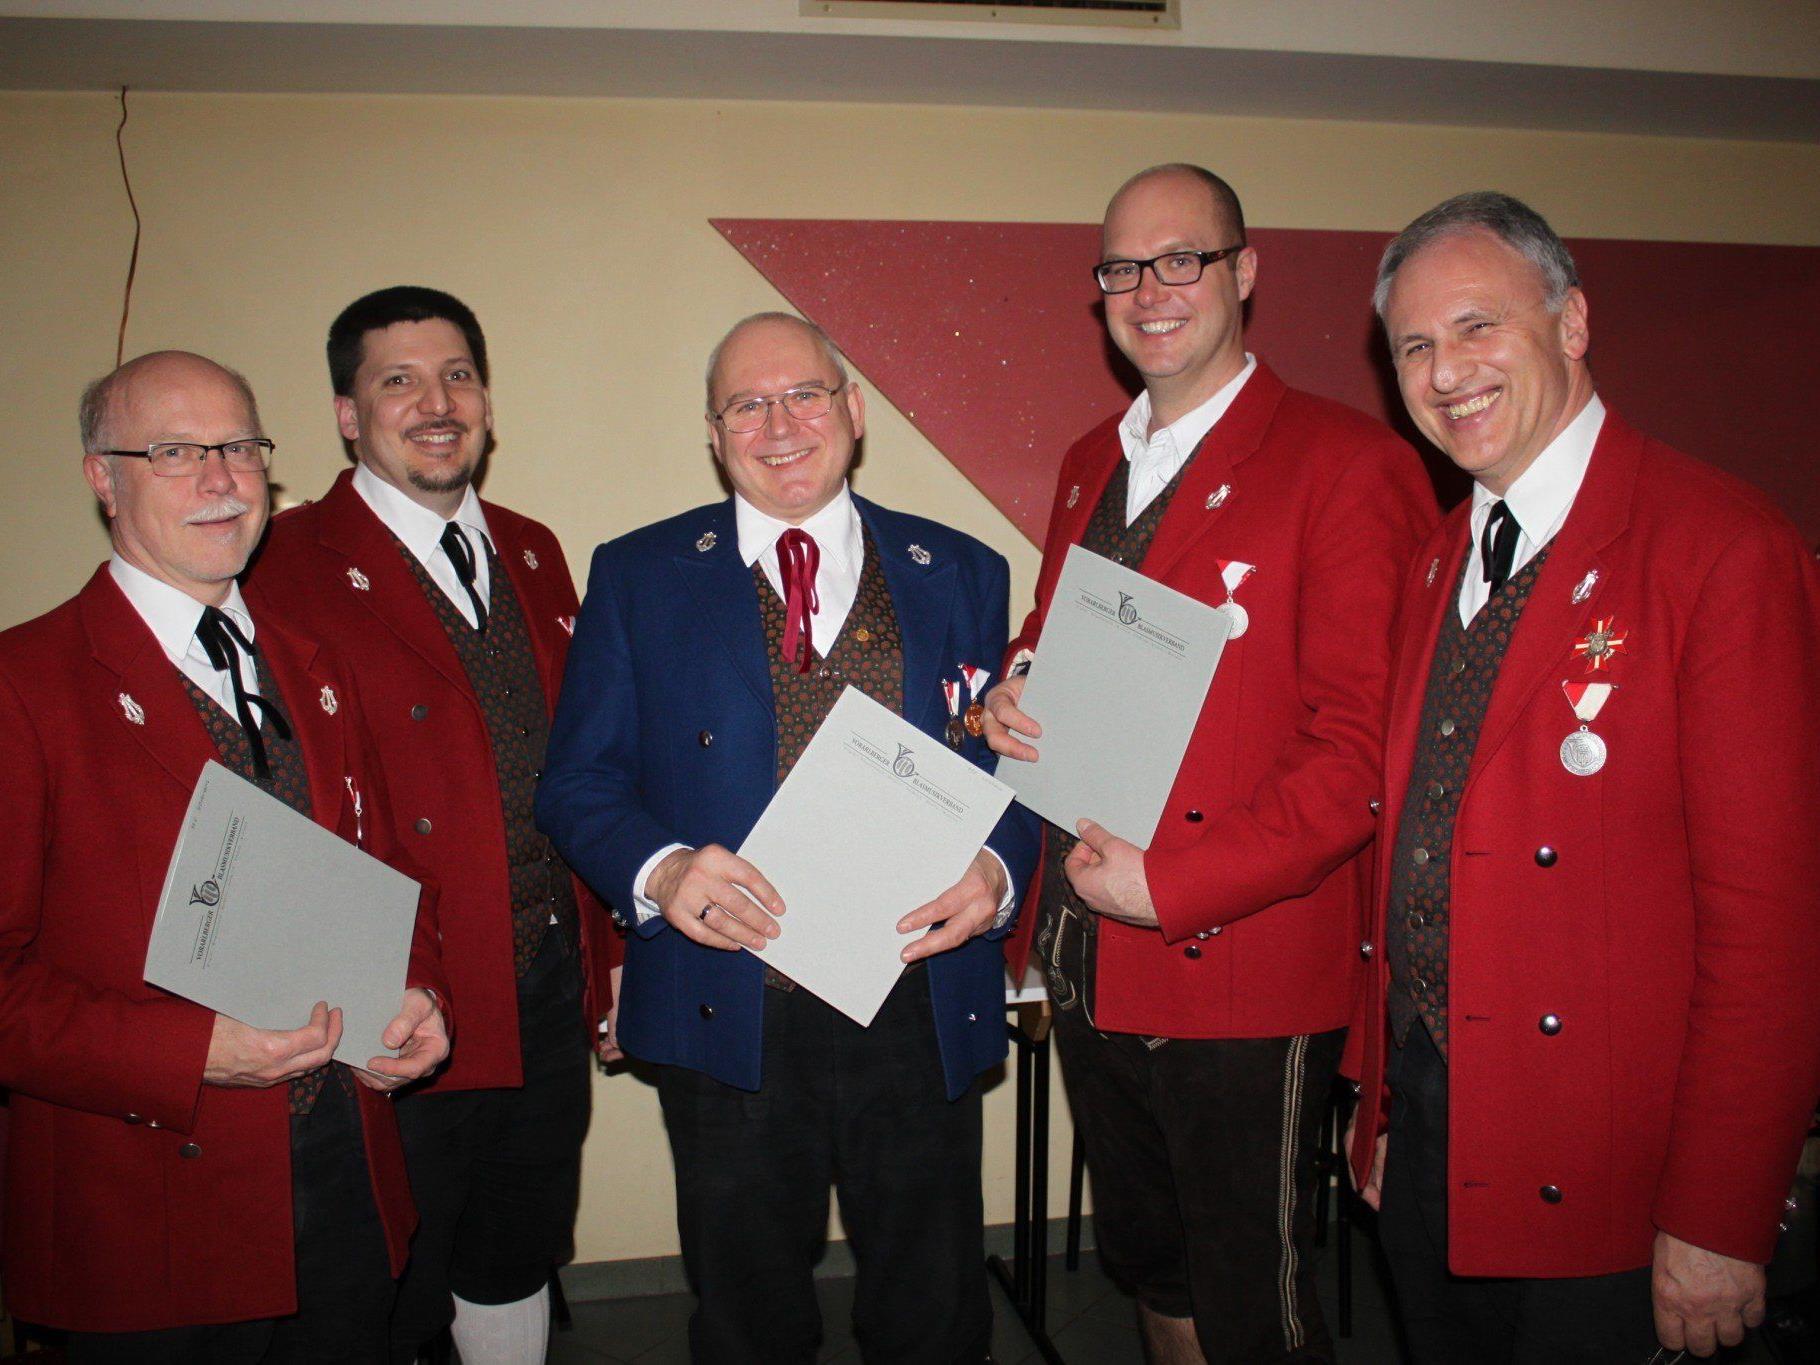 Hubert Lissy, Volker Stefani, Werner Moosburger und Marco Kühne vom MV Lochau mit Landesobmann Wolfram Baldauf.